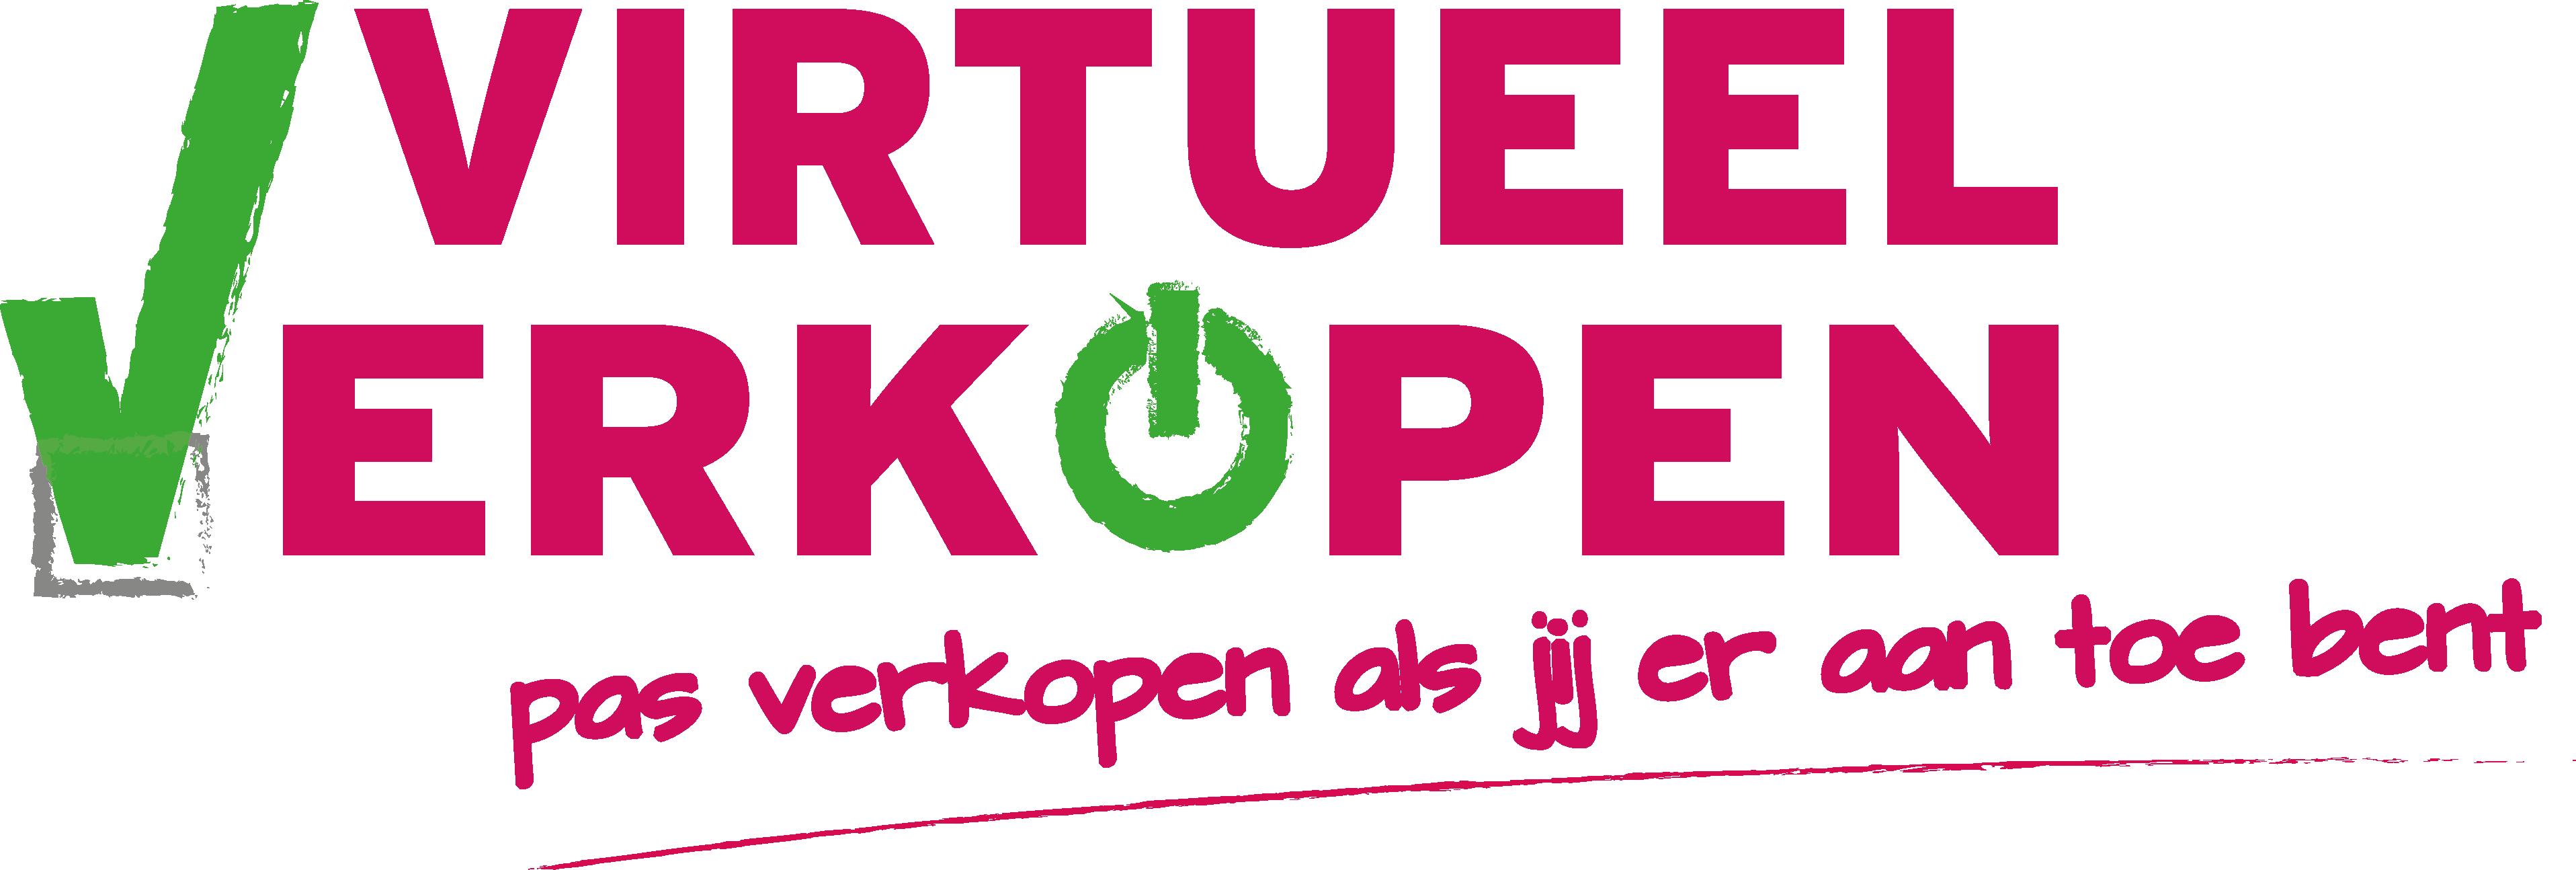 Logo Virtueel verkopen